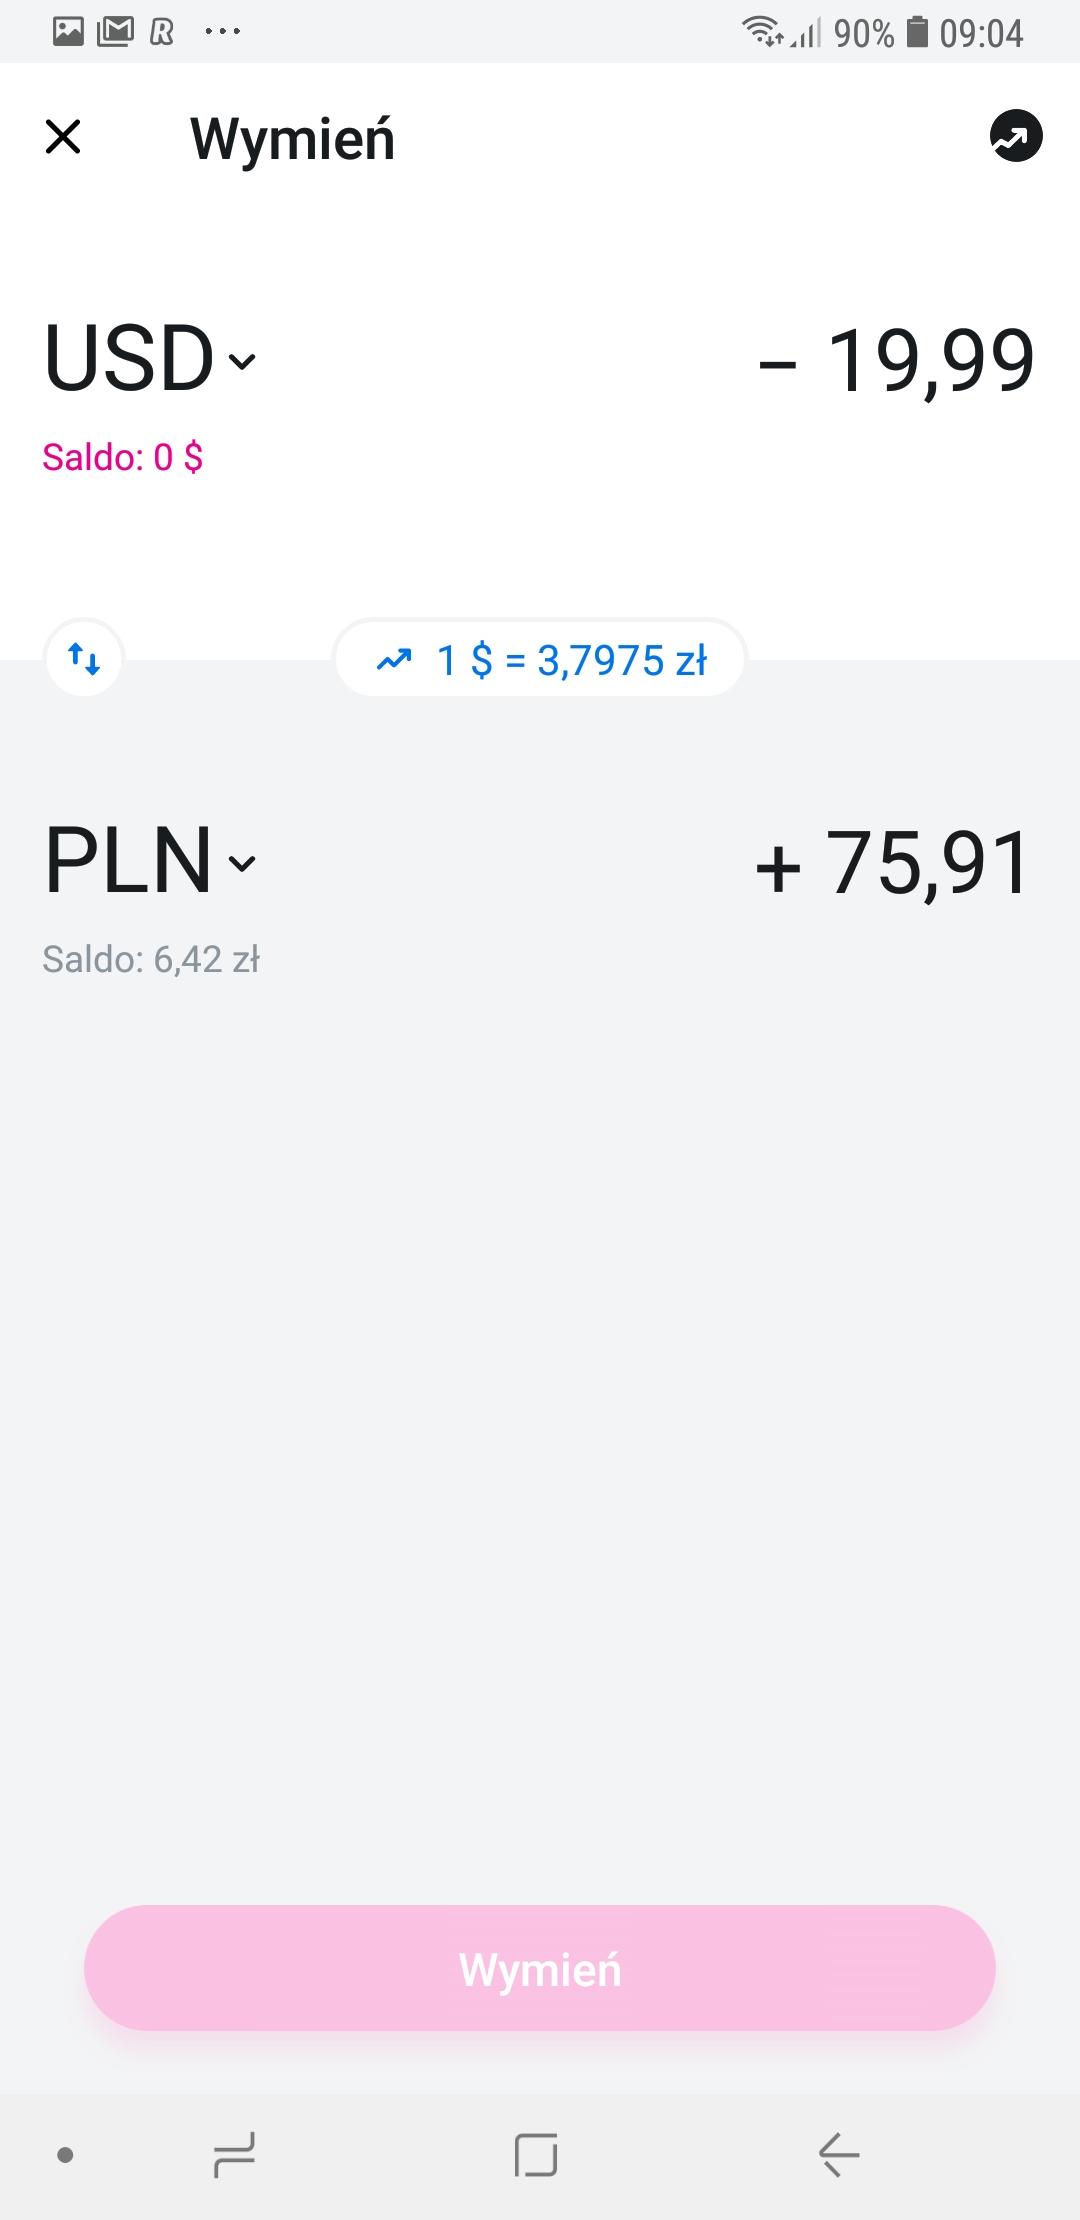 146023.jpg